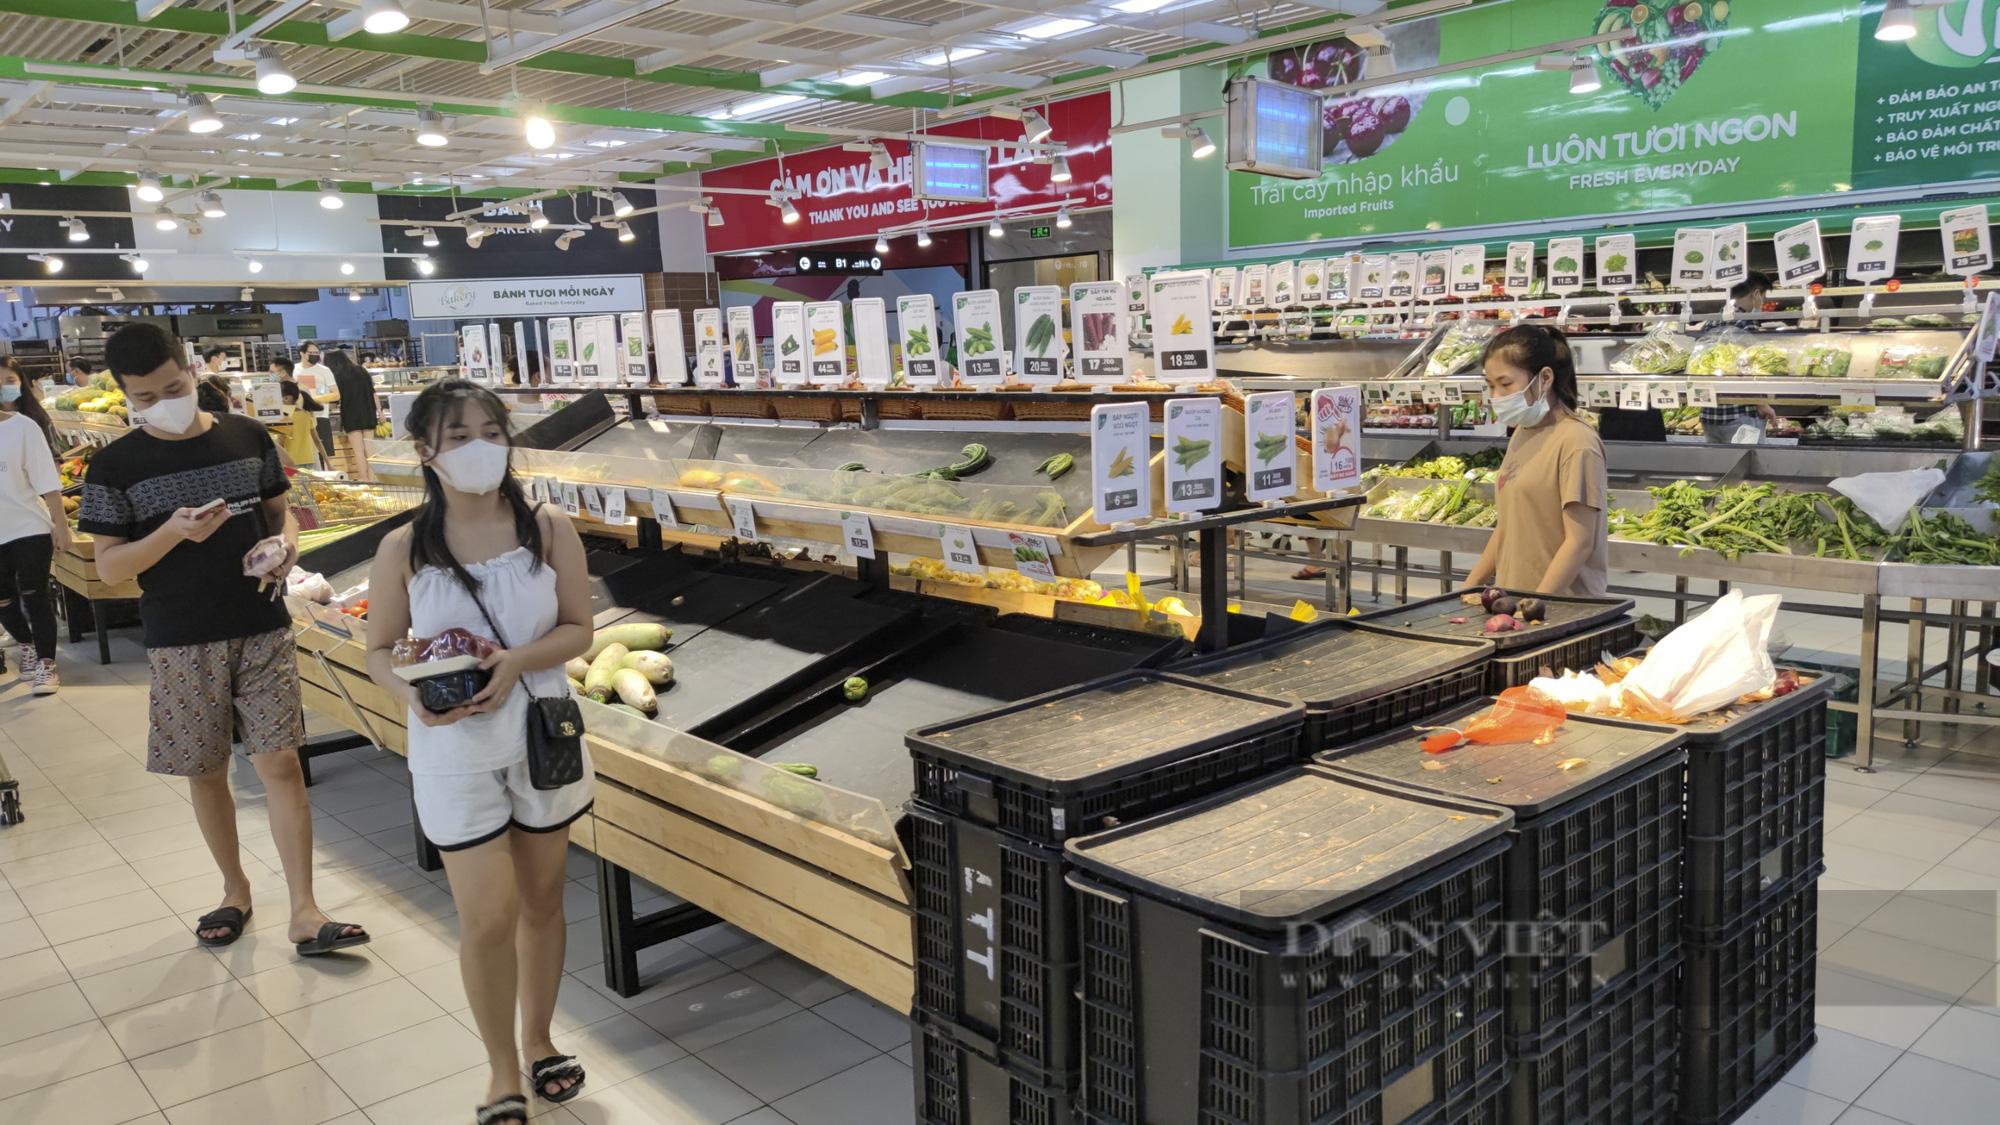 Người dân Hà Nội đổ xô đi mua thực phẩm dự trữ - Ảnh 2.